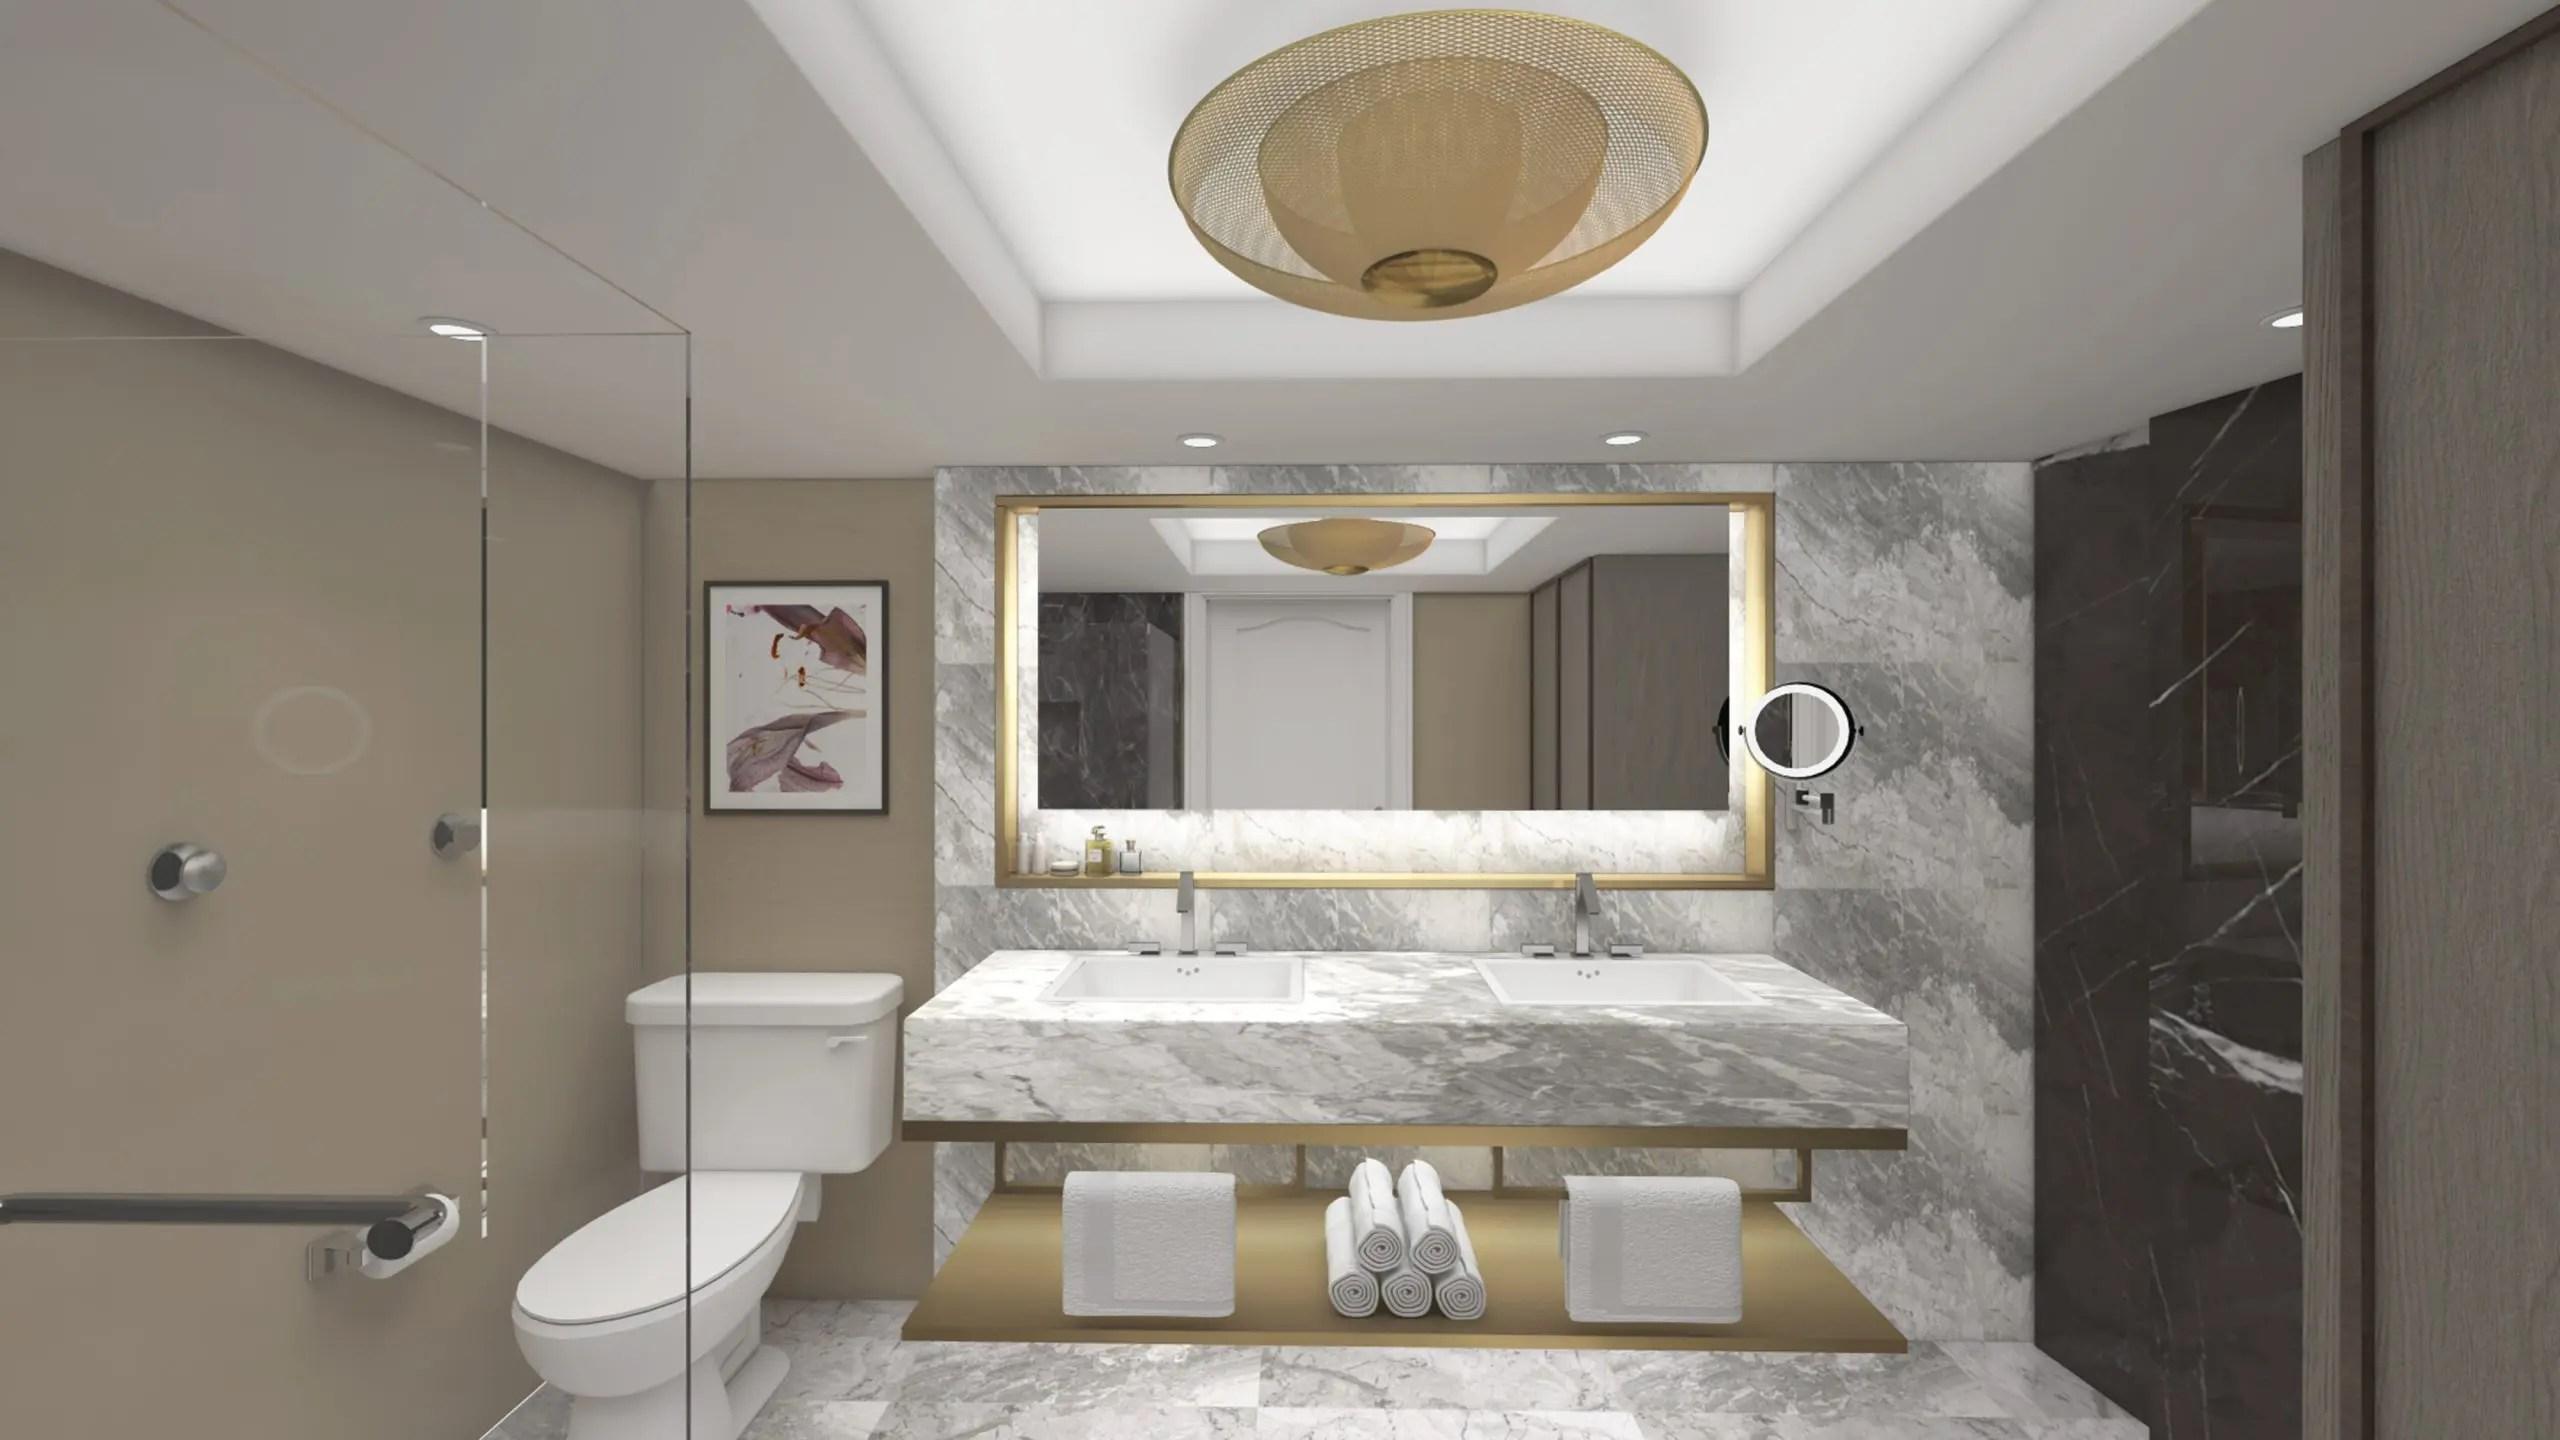 Bellagio Hotel Las Vegas Tower Suite Remodel Contour Interior Design